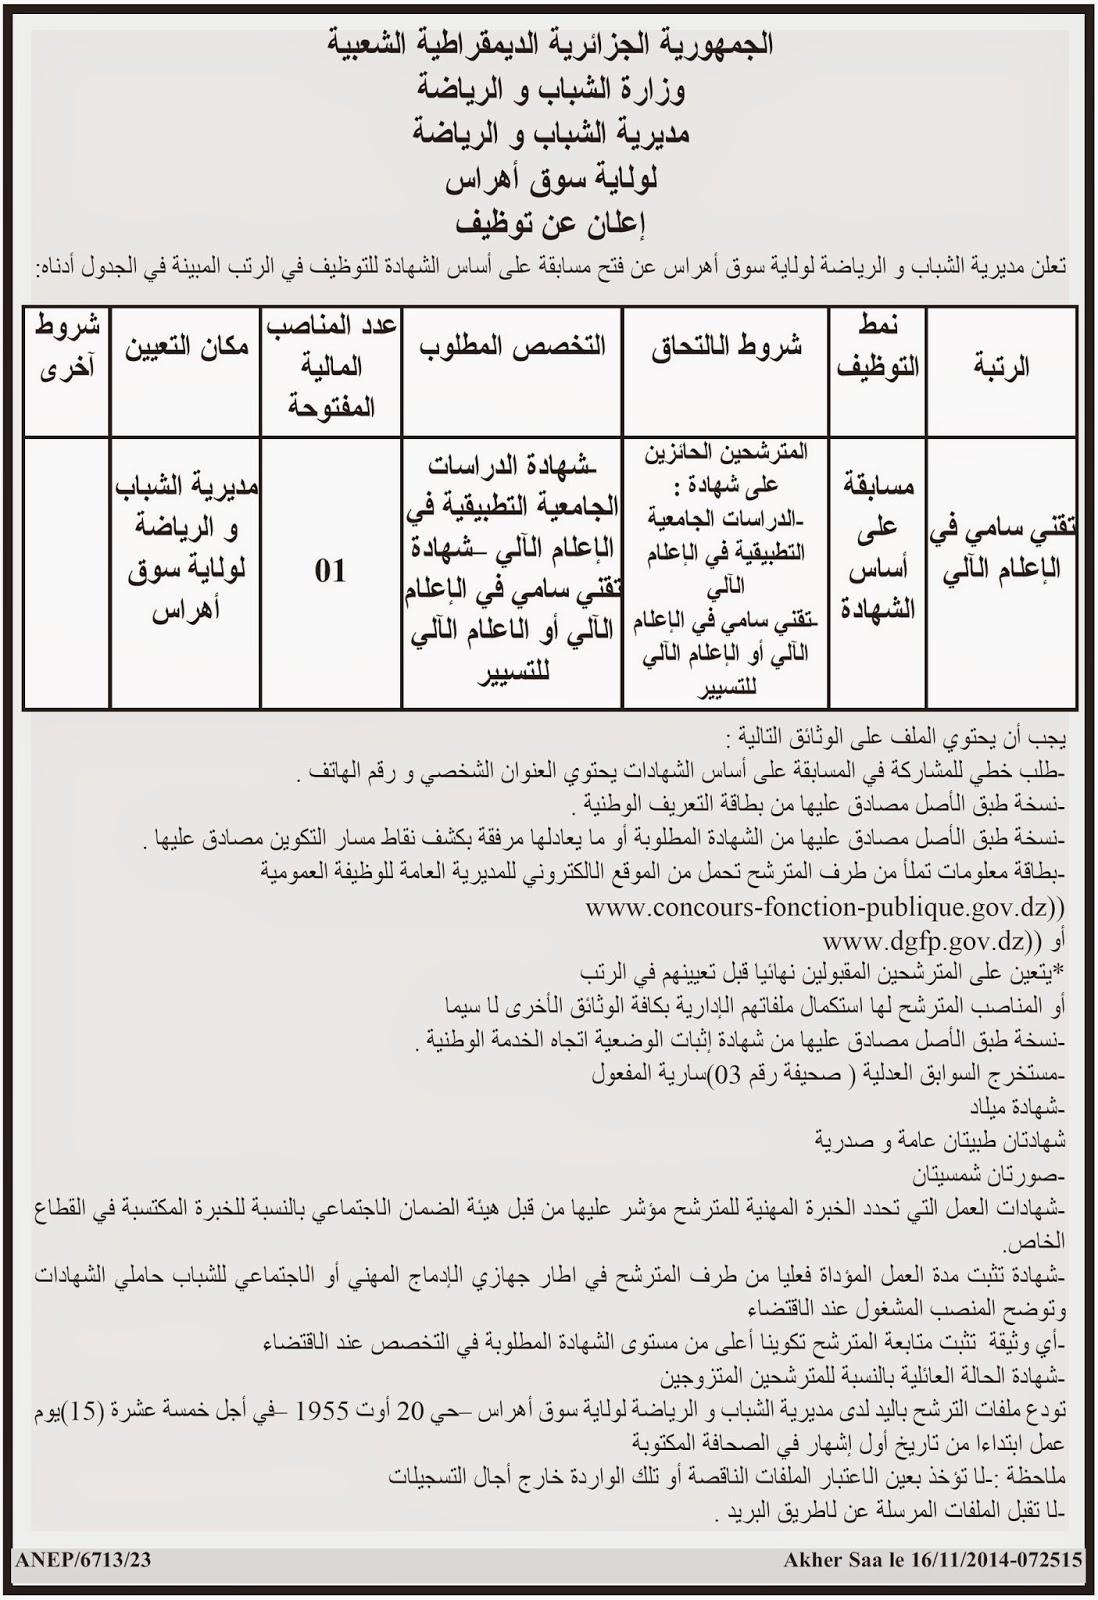 إعلان توظيف بمديرية الشباب و الرياضة لولاية سوق اهراس